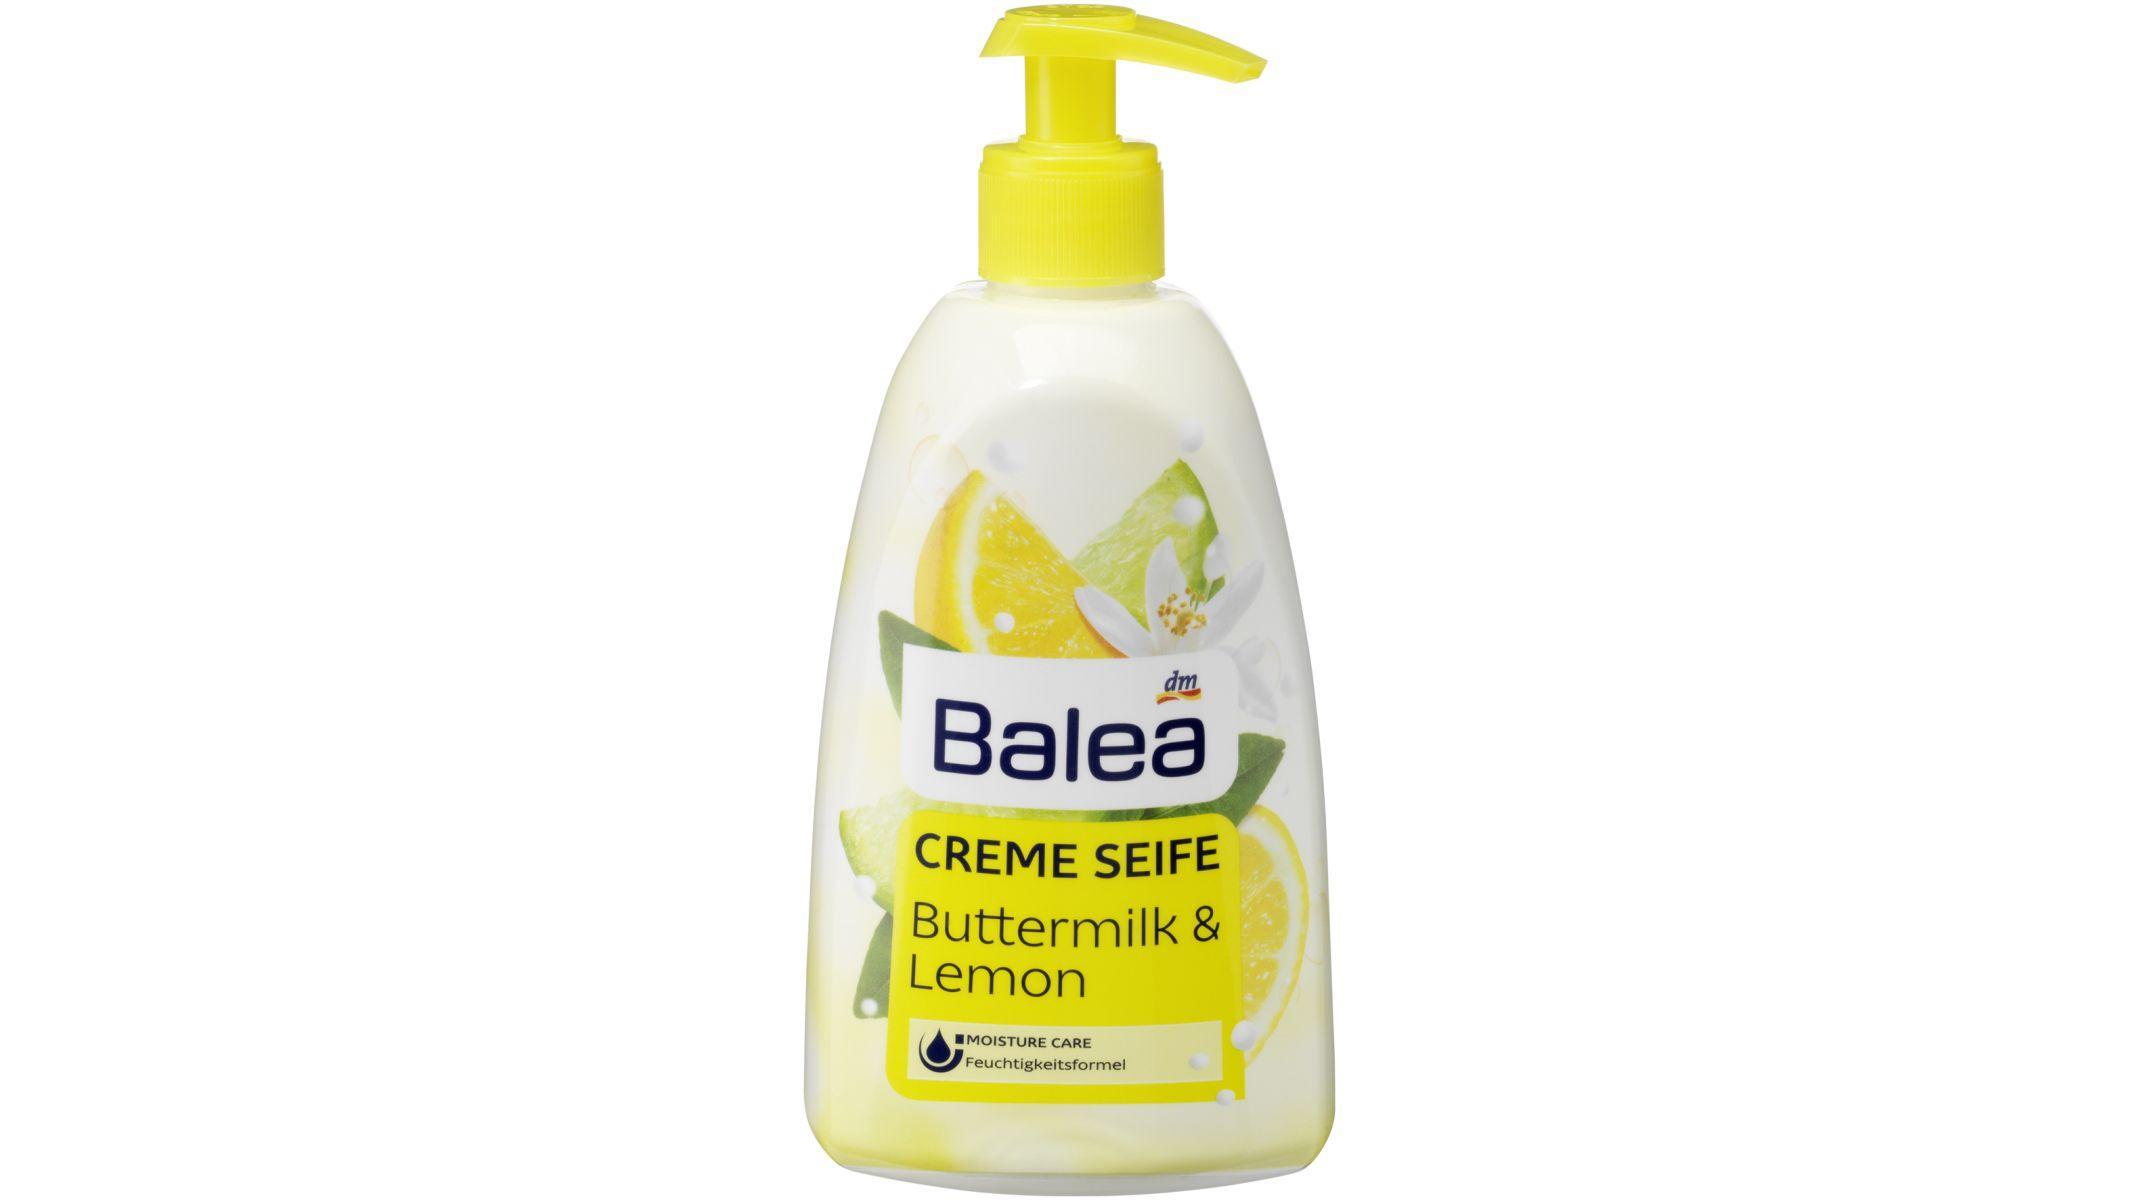 Dm ruft Seife wegen möglicher Verunreinigung mit Bakterien zurück